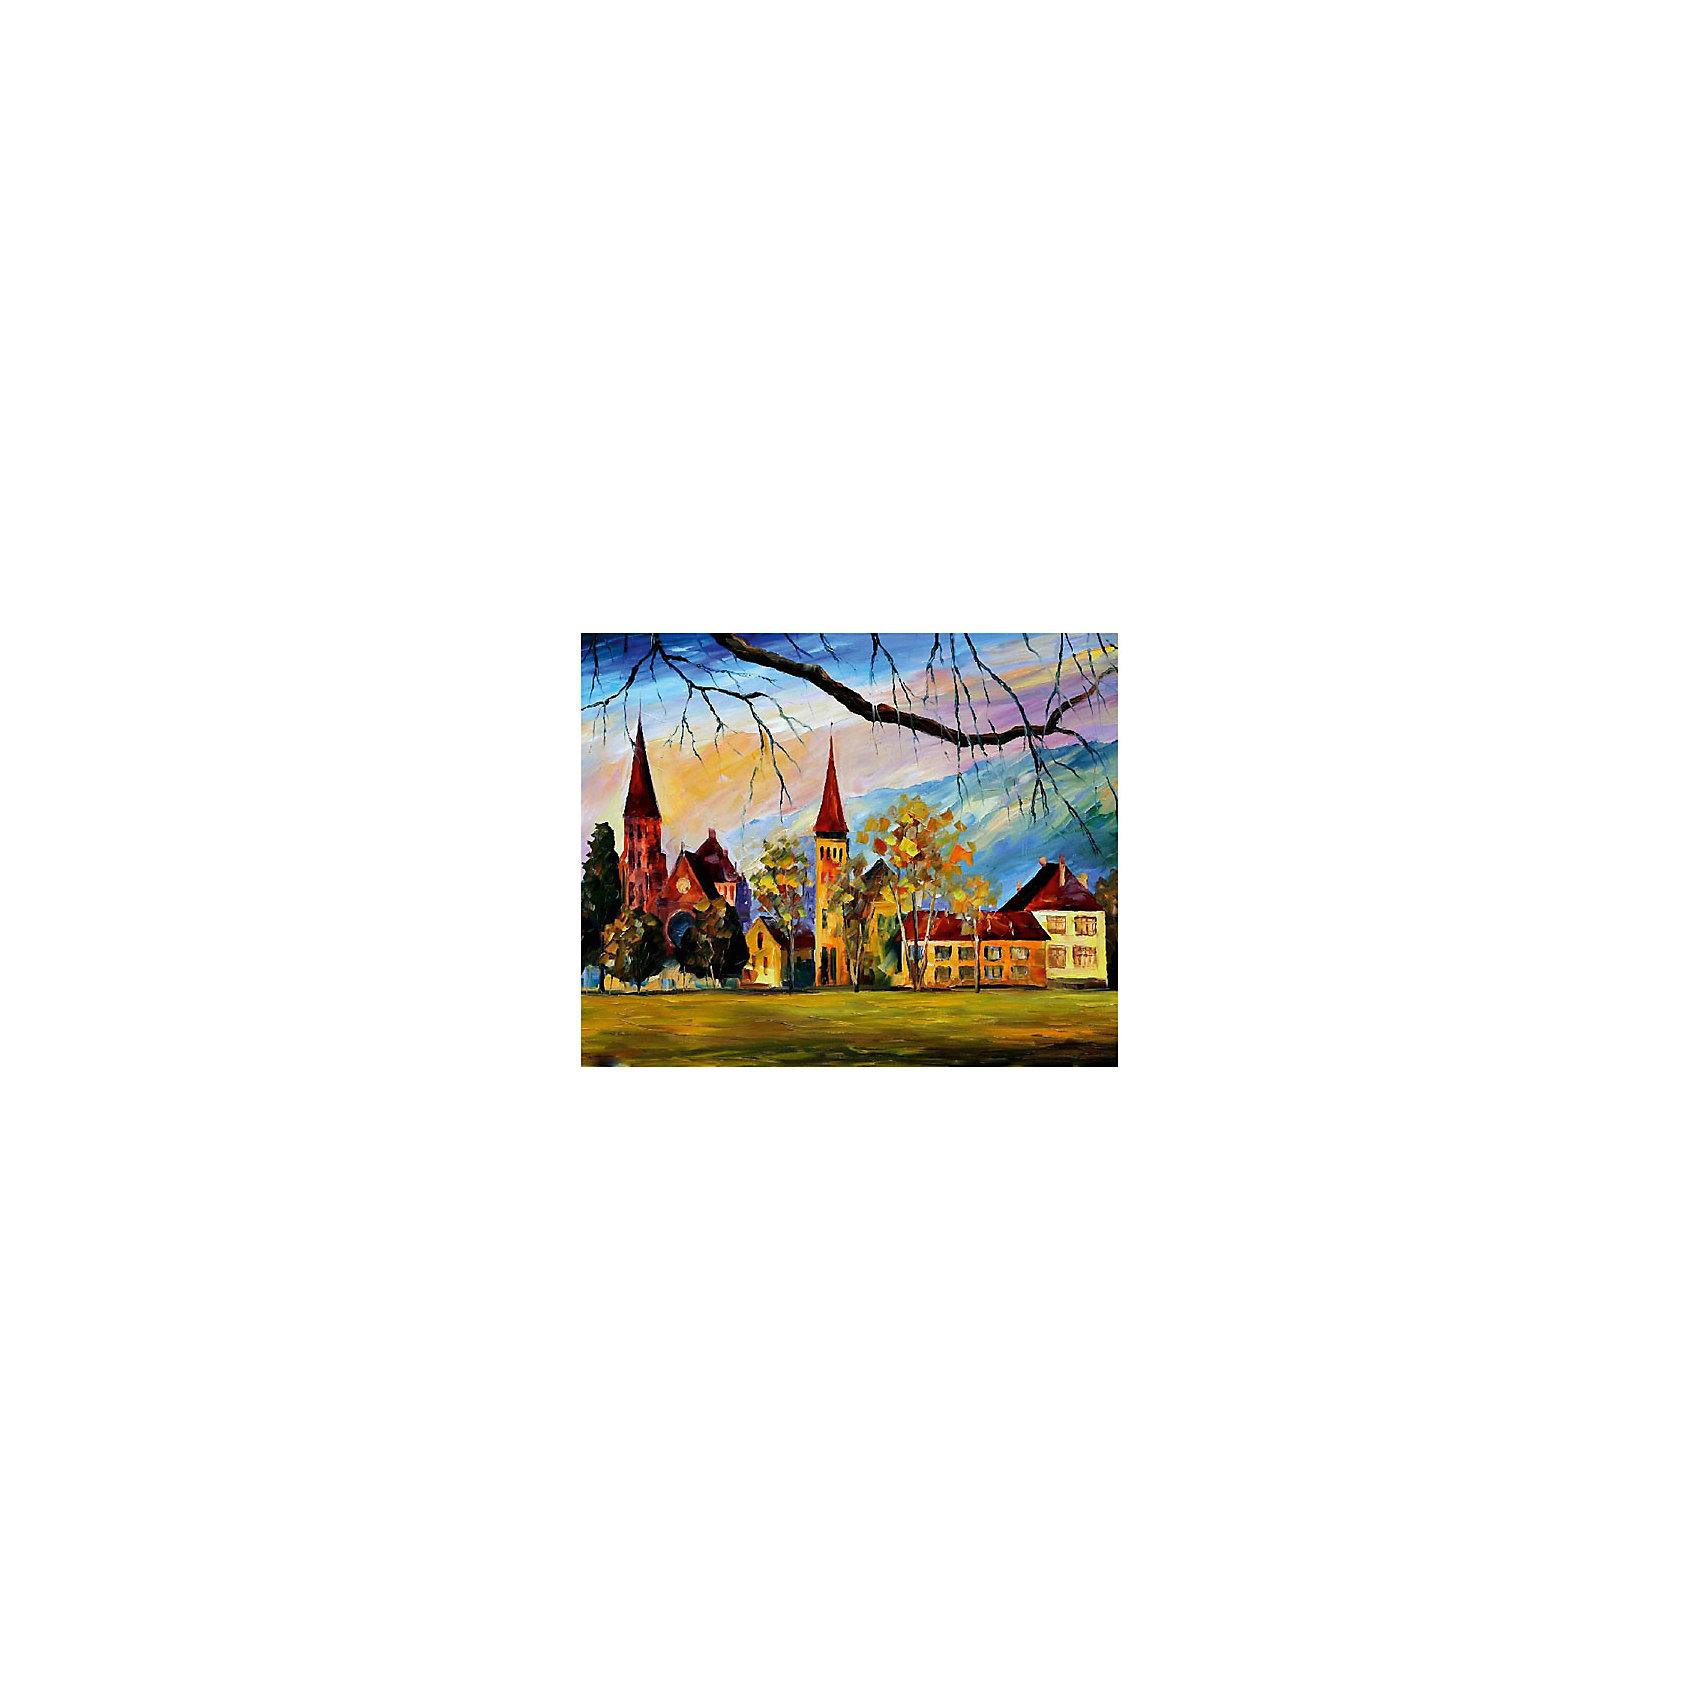 Картина по номерам Афремов: Швейцария, 40*50 смРисование<br>Картины с раскраской по номерам размером 40*50. На деревянном подрамнике, с прогрунтованным холстом и  нанесенными контурами картины, с указанием цвета закраски, акриловыми красками, 3 кисточками и креплением на стену. Уровень сложности, количество красок указаны на коробке.<br><br>Ширина мм: 500<br>Глубина мм: 400<br>Высота мм: 40<br>Вес г: 730<br>Возраст от месяцев: 108<br>Возраст до месяцев: 2147483647<br>Пол: Унисекс<br>Возраст: Детский<br>SKU: 5417693